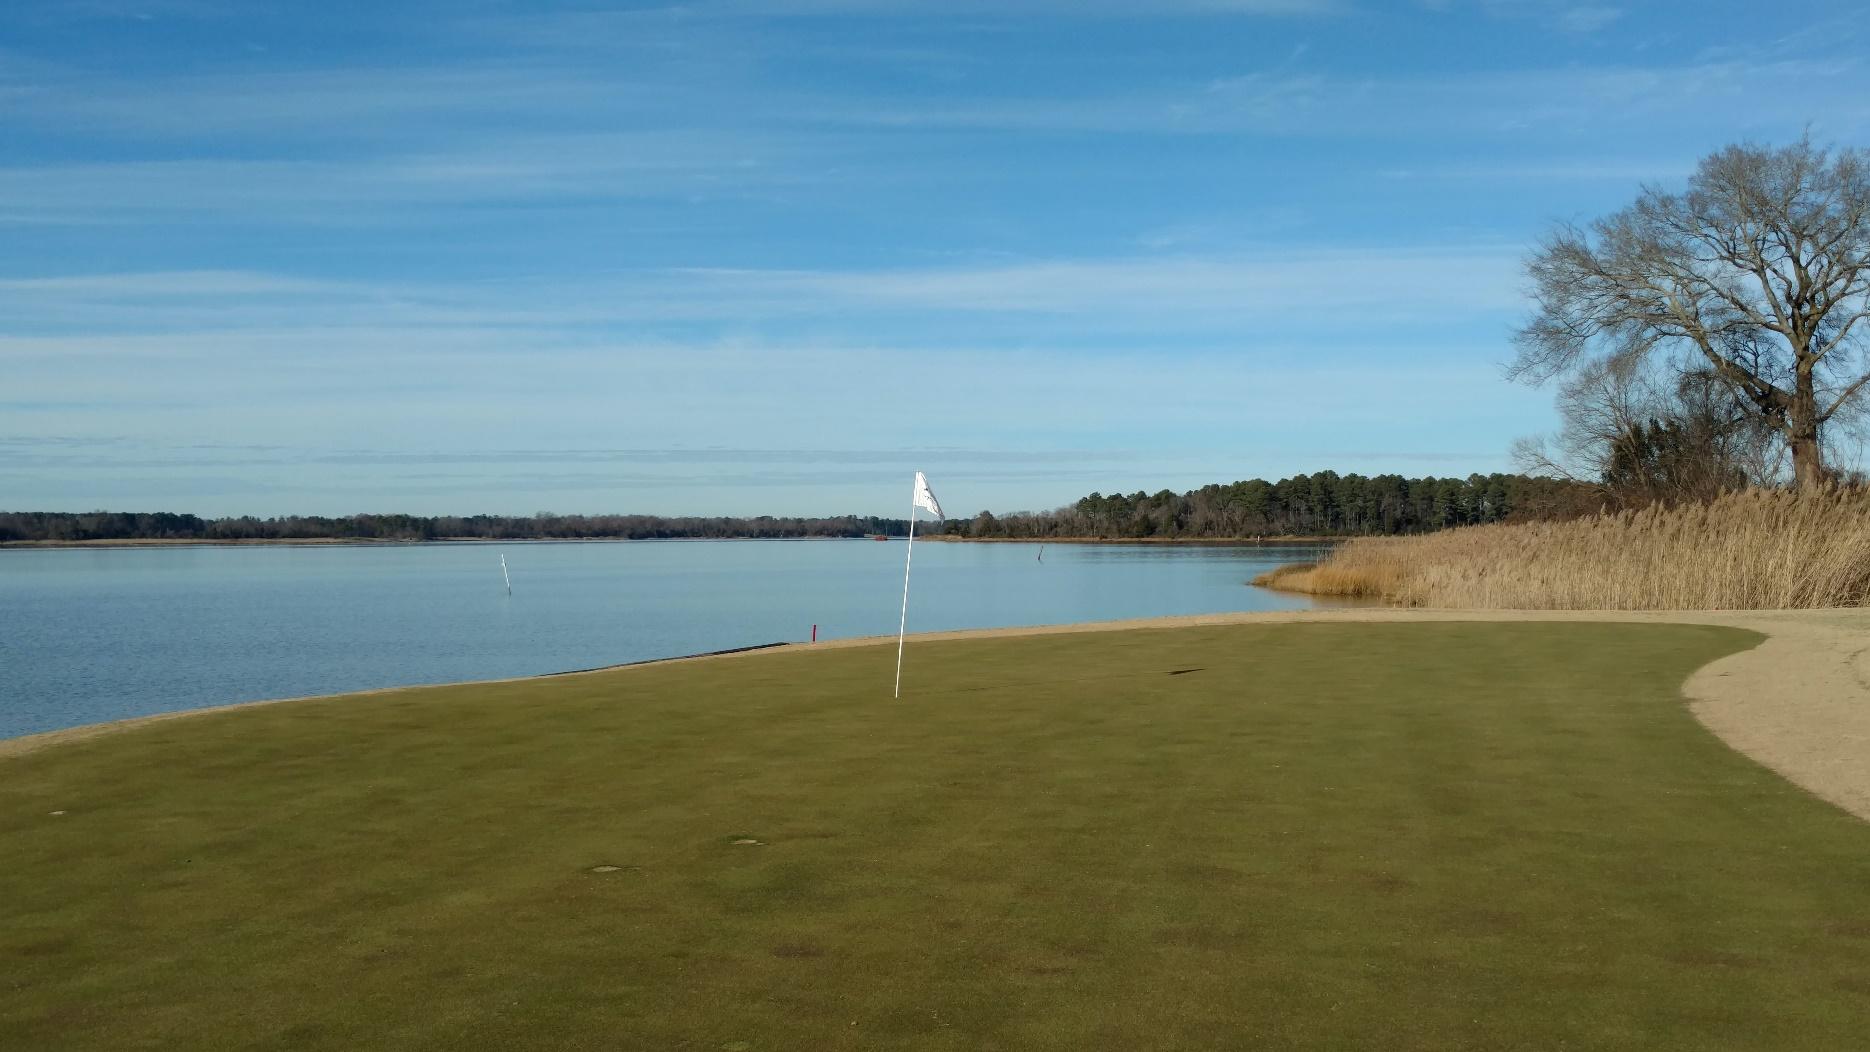 Sleepy Hole Golf Course (Suffolk, VA on 01/01/17)